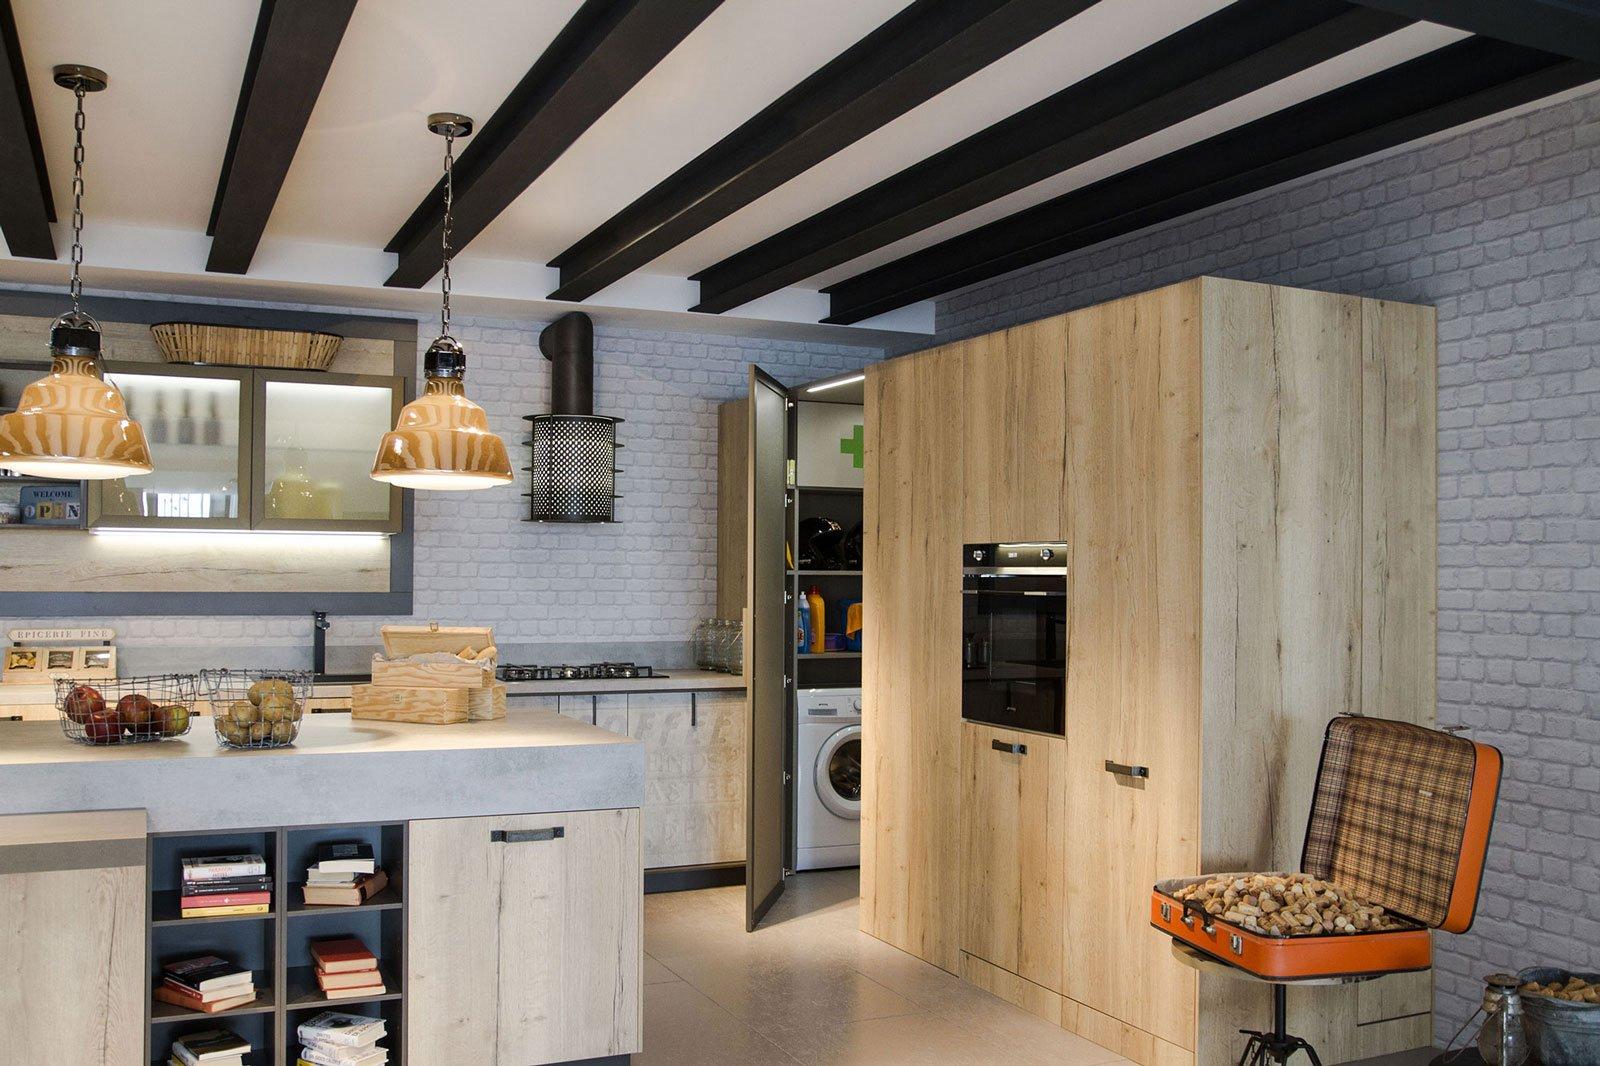 Armadiature a colonna per cucine trendy e funzionali - Cucine per loft ...